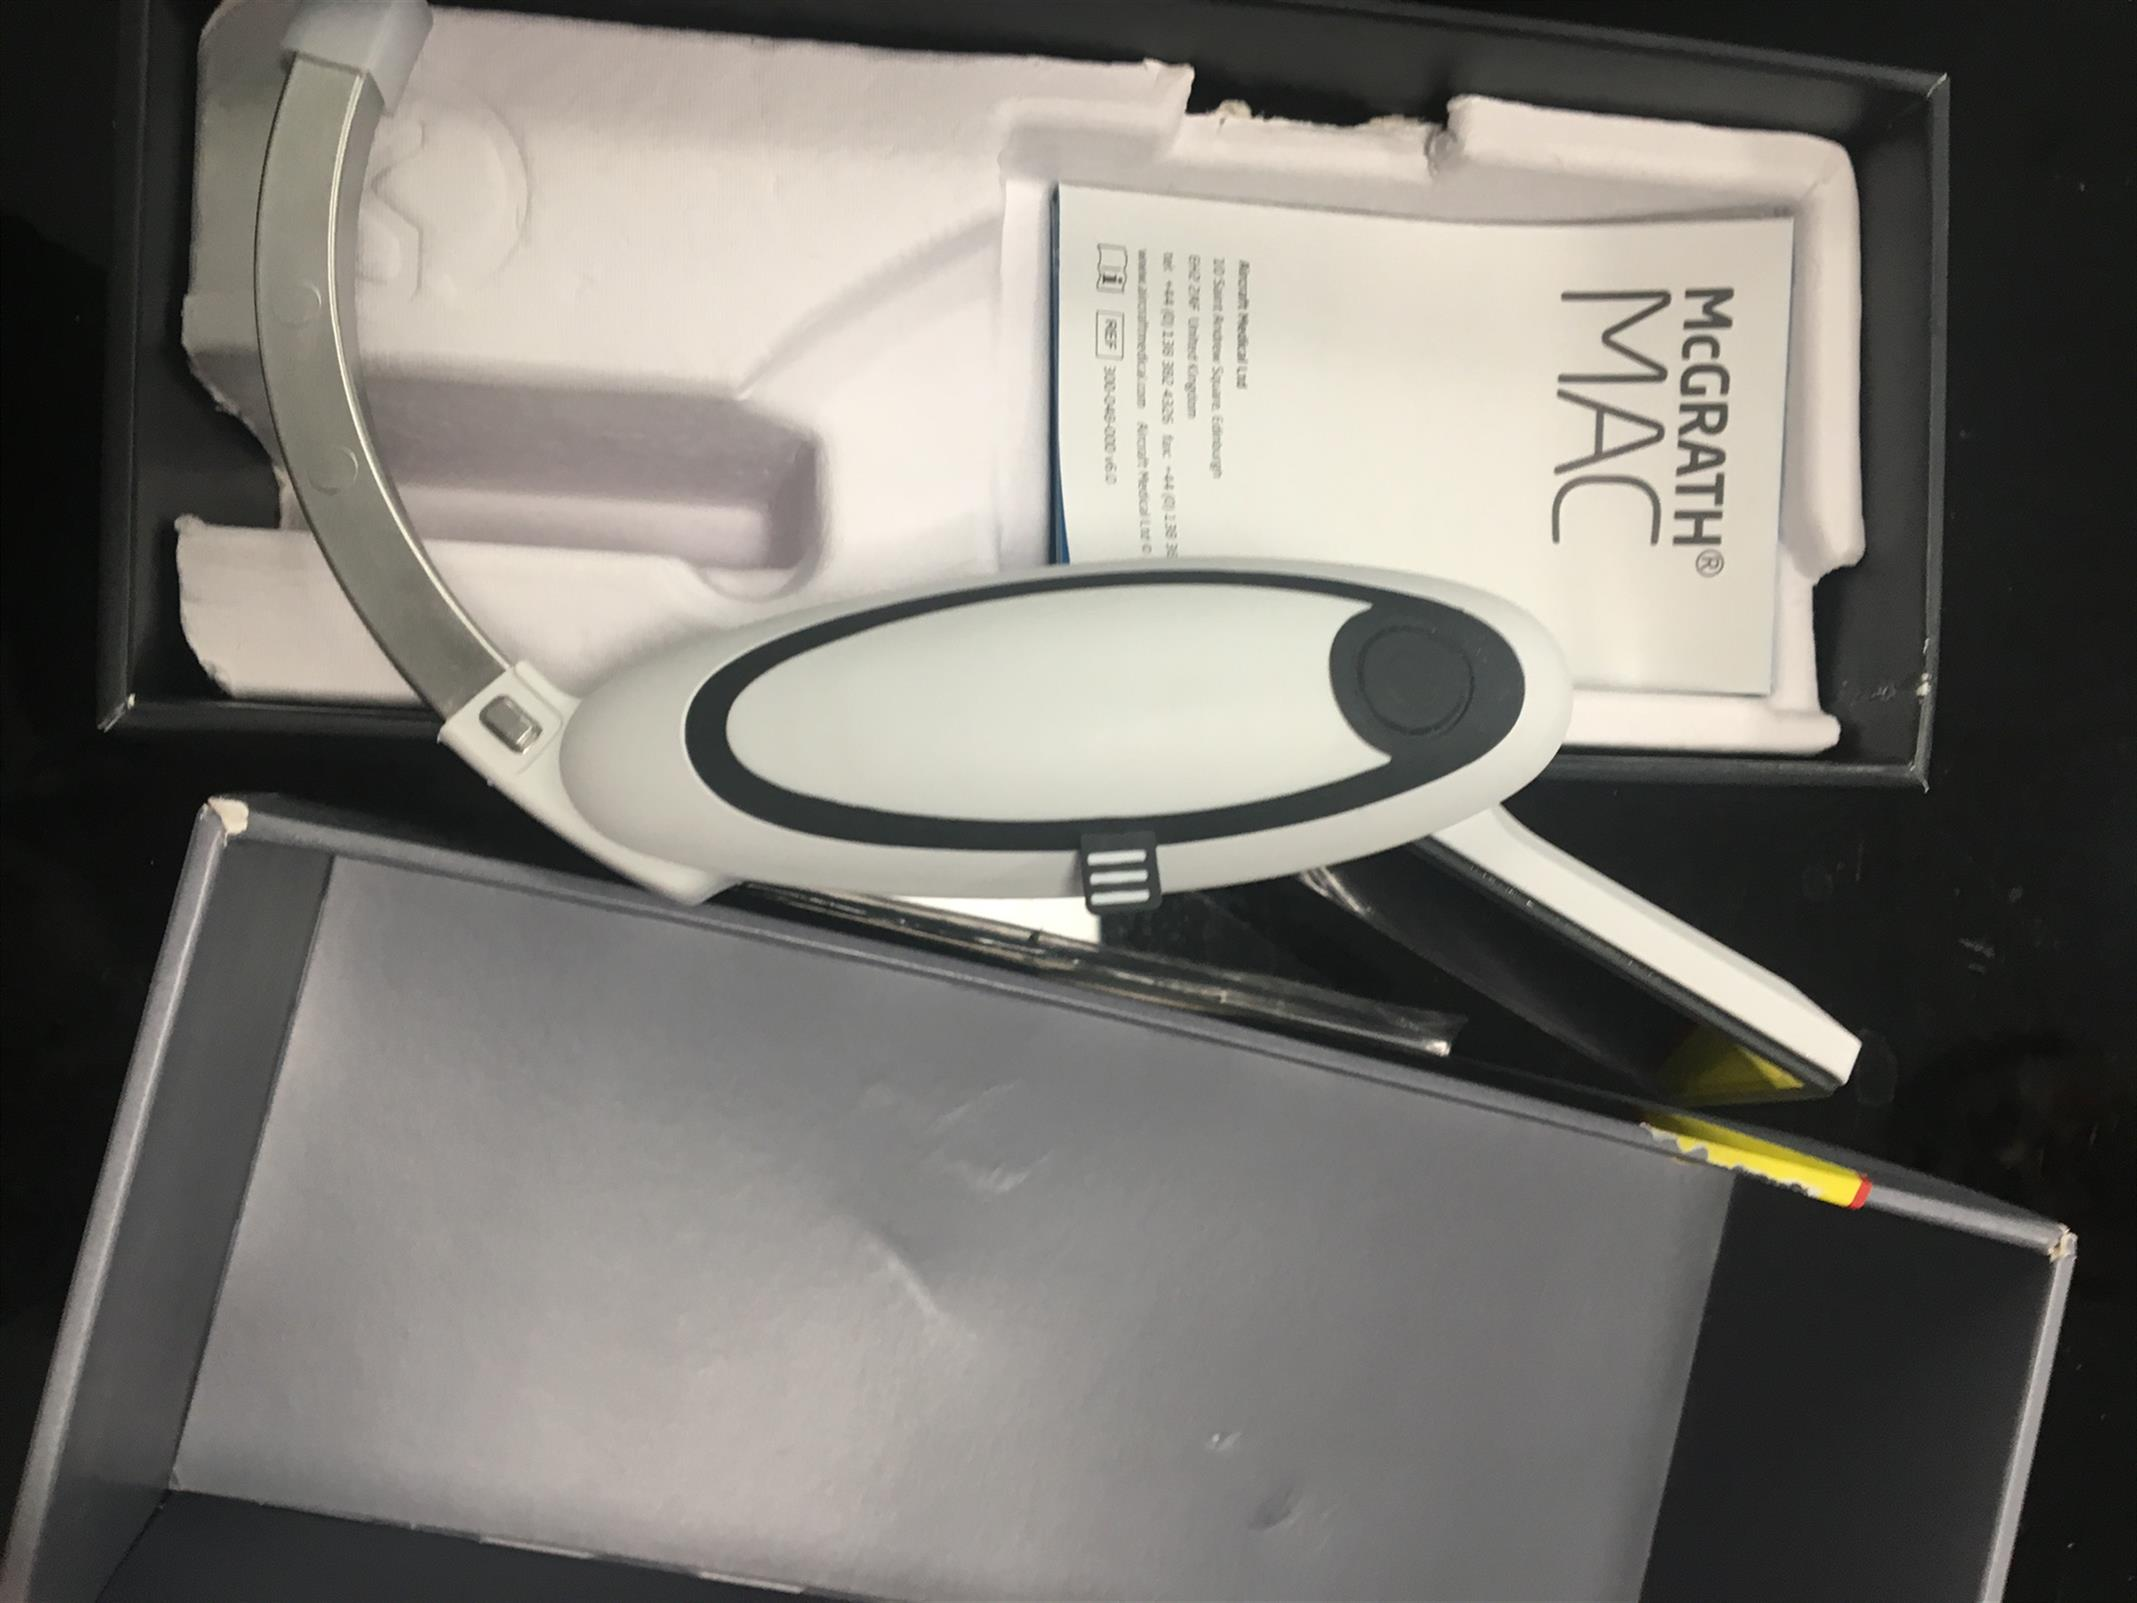 临汾英国麦氏MAC3可视喉镜公司